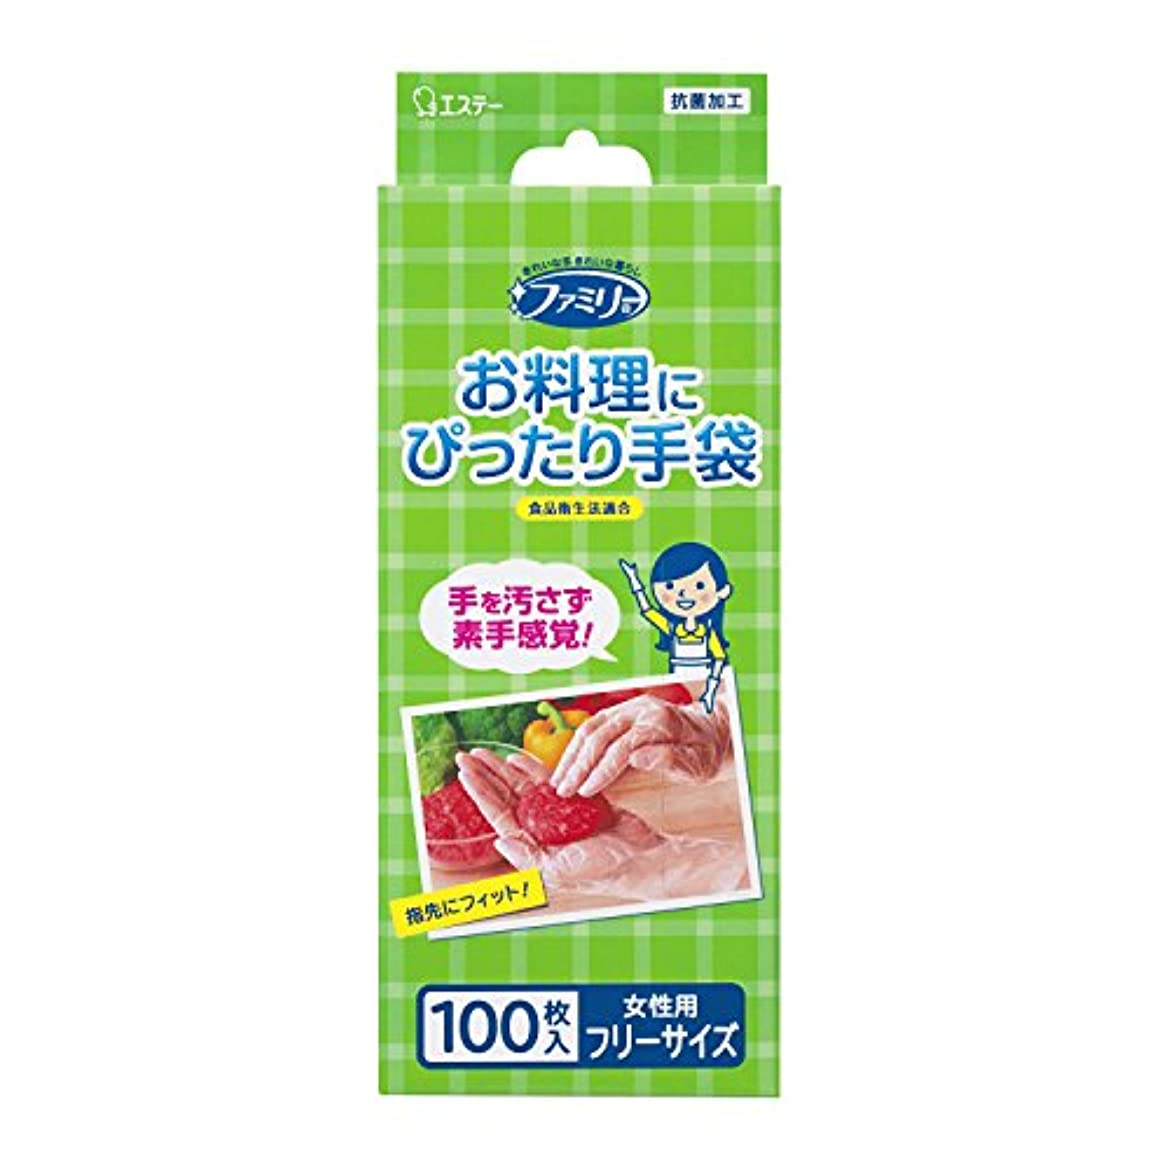 柔らかい沼地無能ファミリ- お料理にぴったり手袋 女性用 フリーサイズ キッチン 半透明 100枚